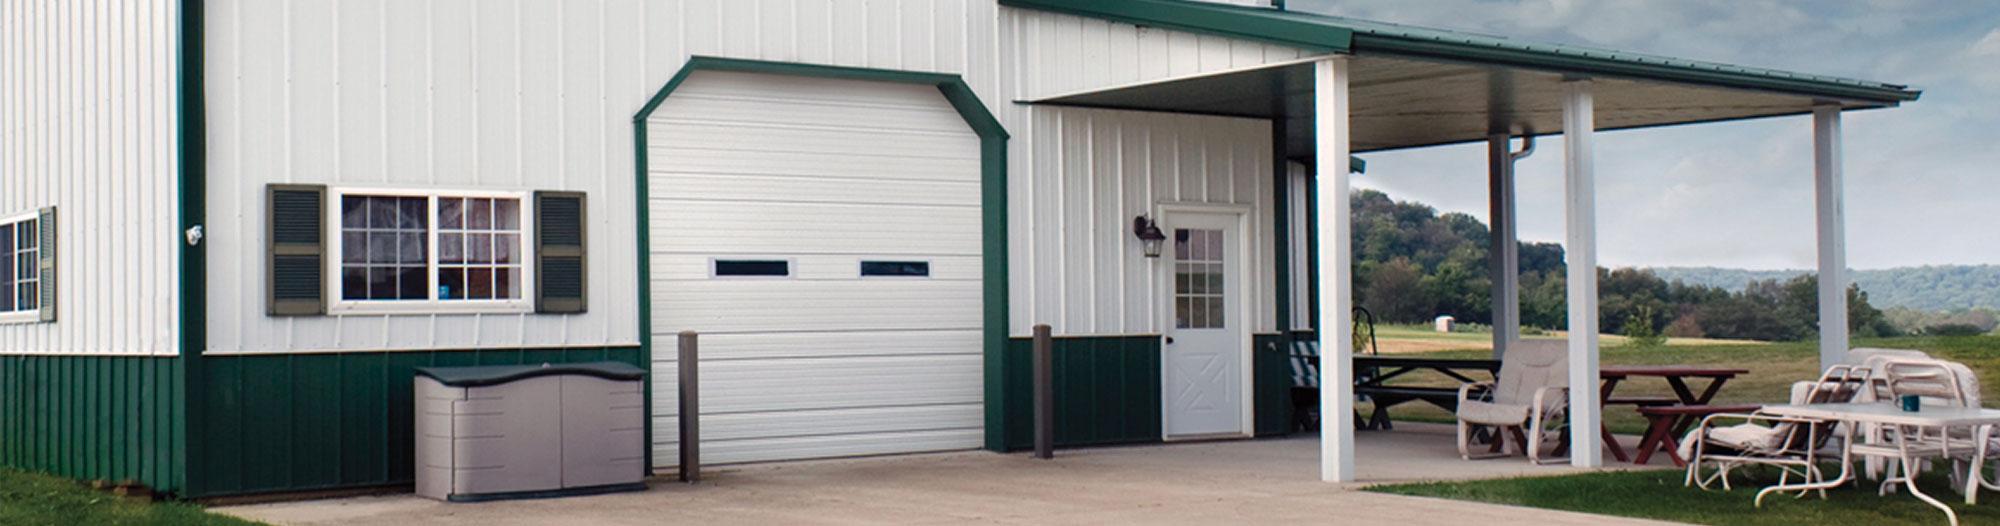 Pole Barn Doors Marvin S Garage Doors